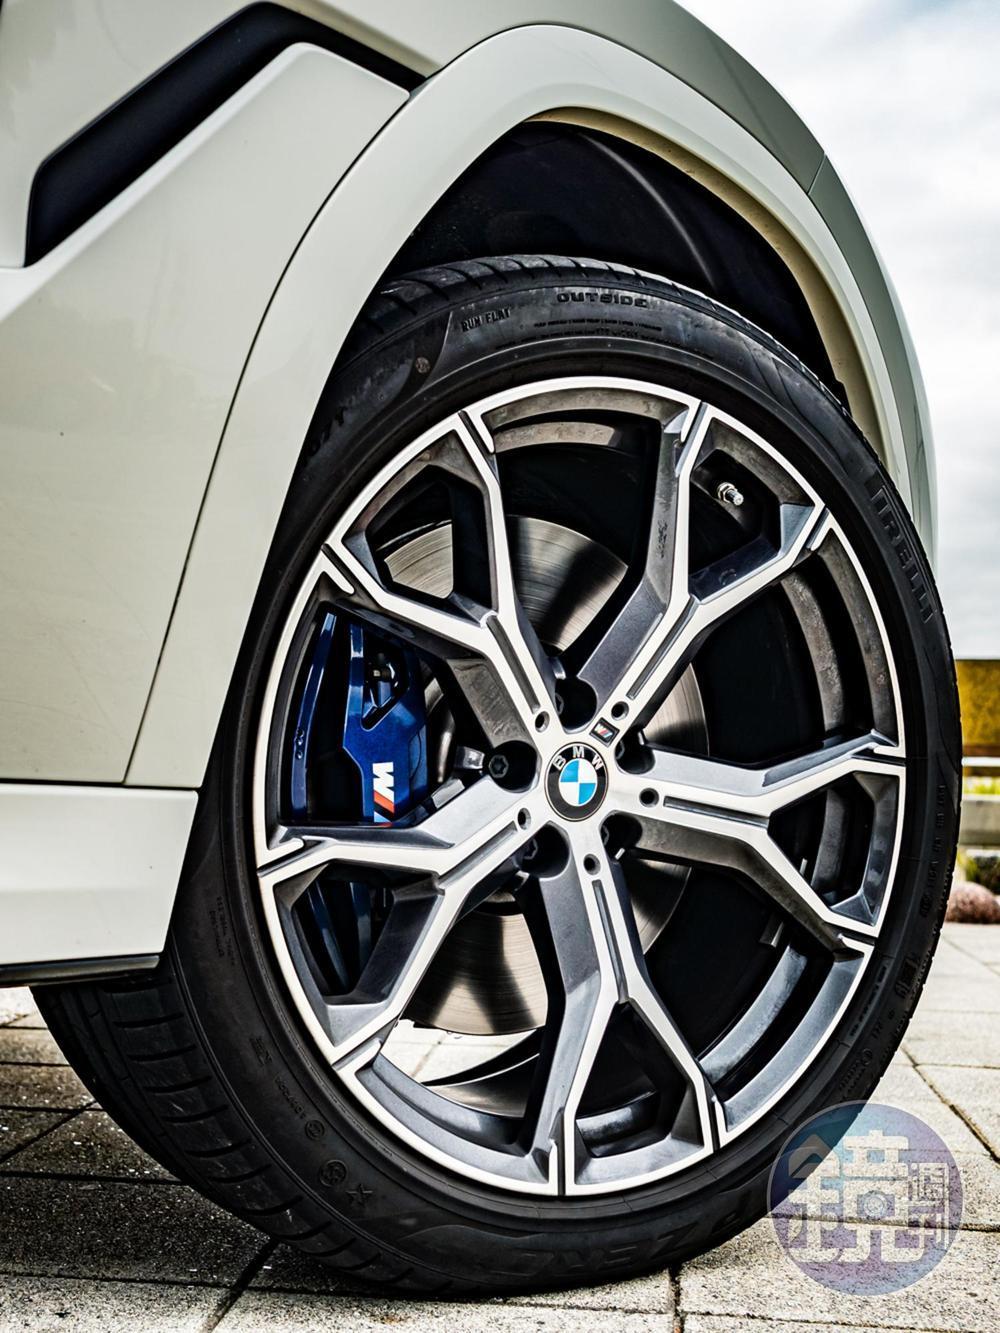 額外選配的21吋M款Y幅式741M輪圈(6.6萬元)。